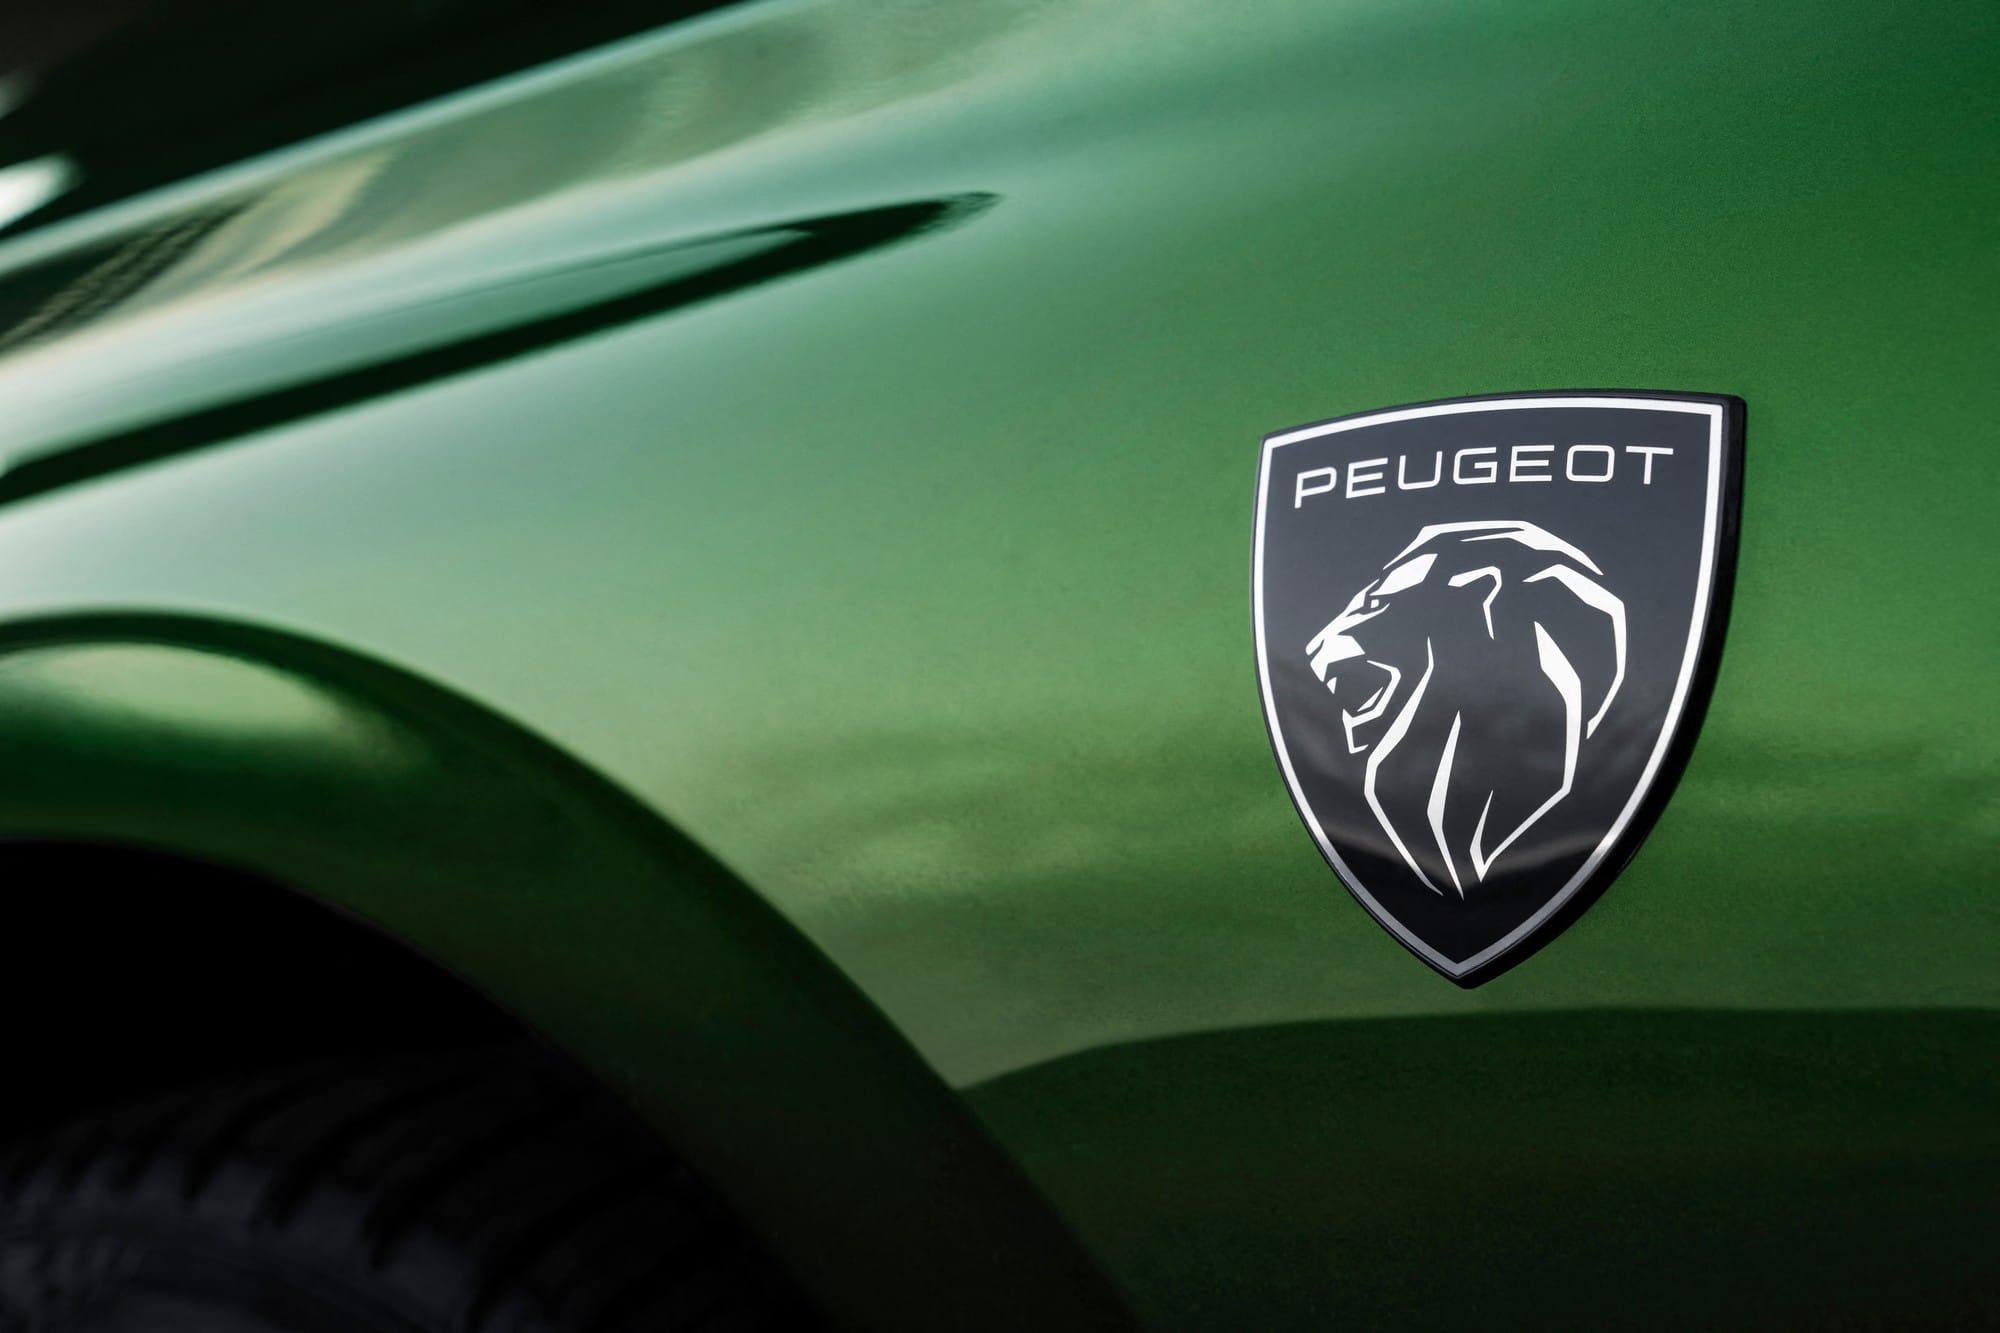 Nouvelle Peugeot 308 2021 logo latéral